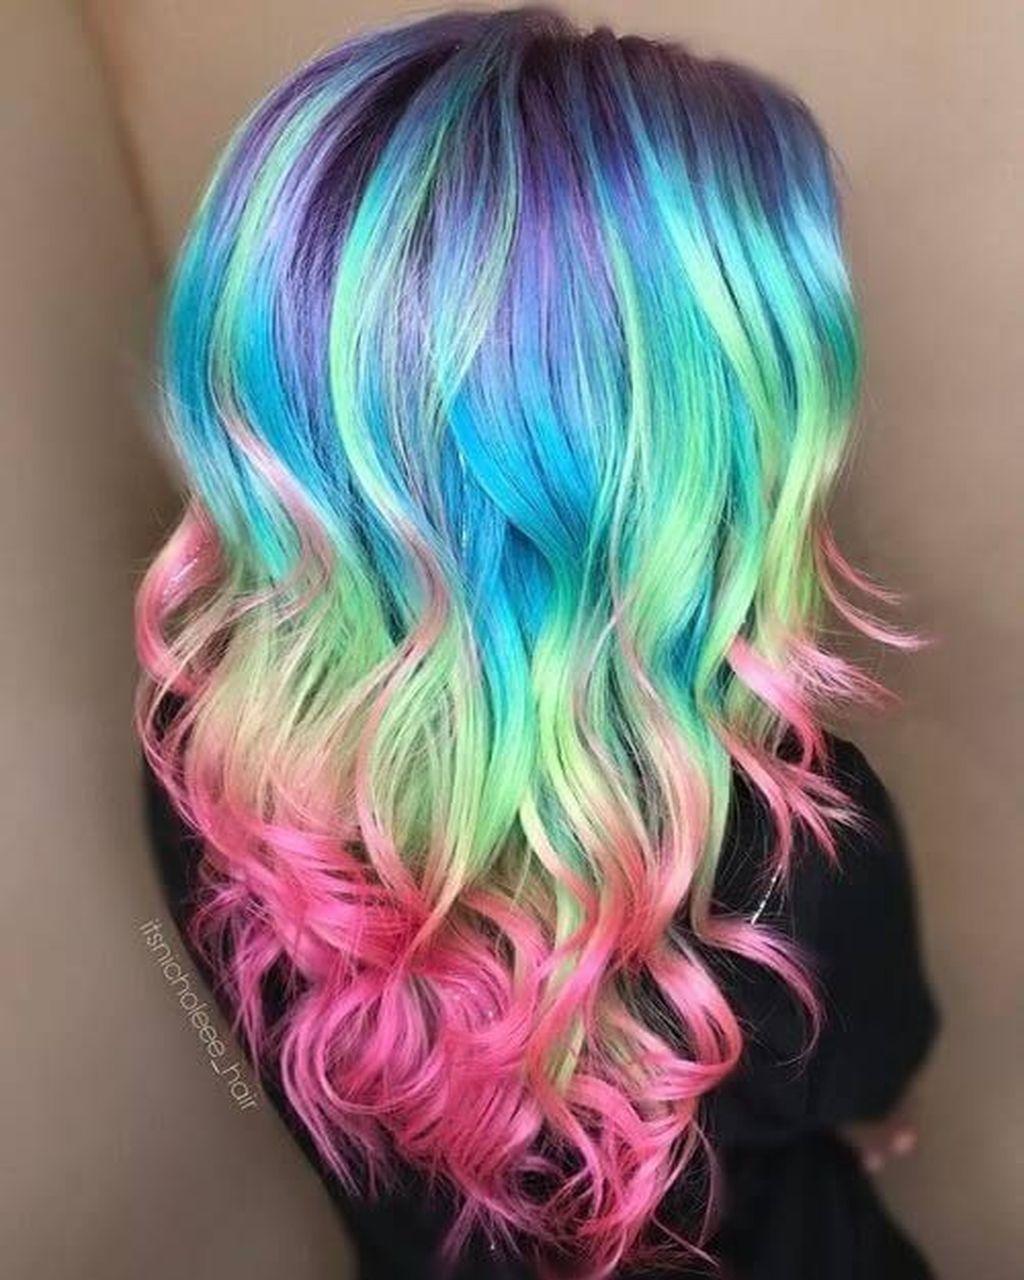 Cool boy hair dye  cool summer rainbow hair color ideas  hair  pinterest  rainbow